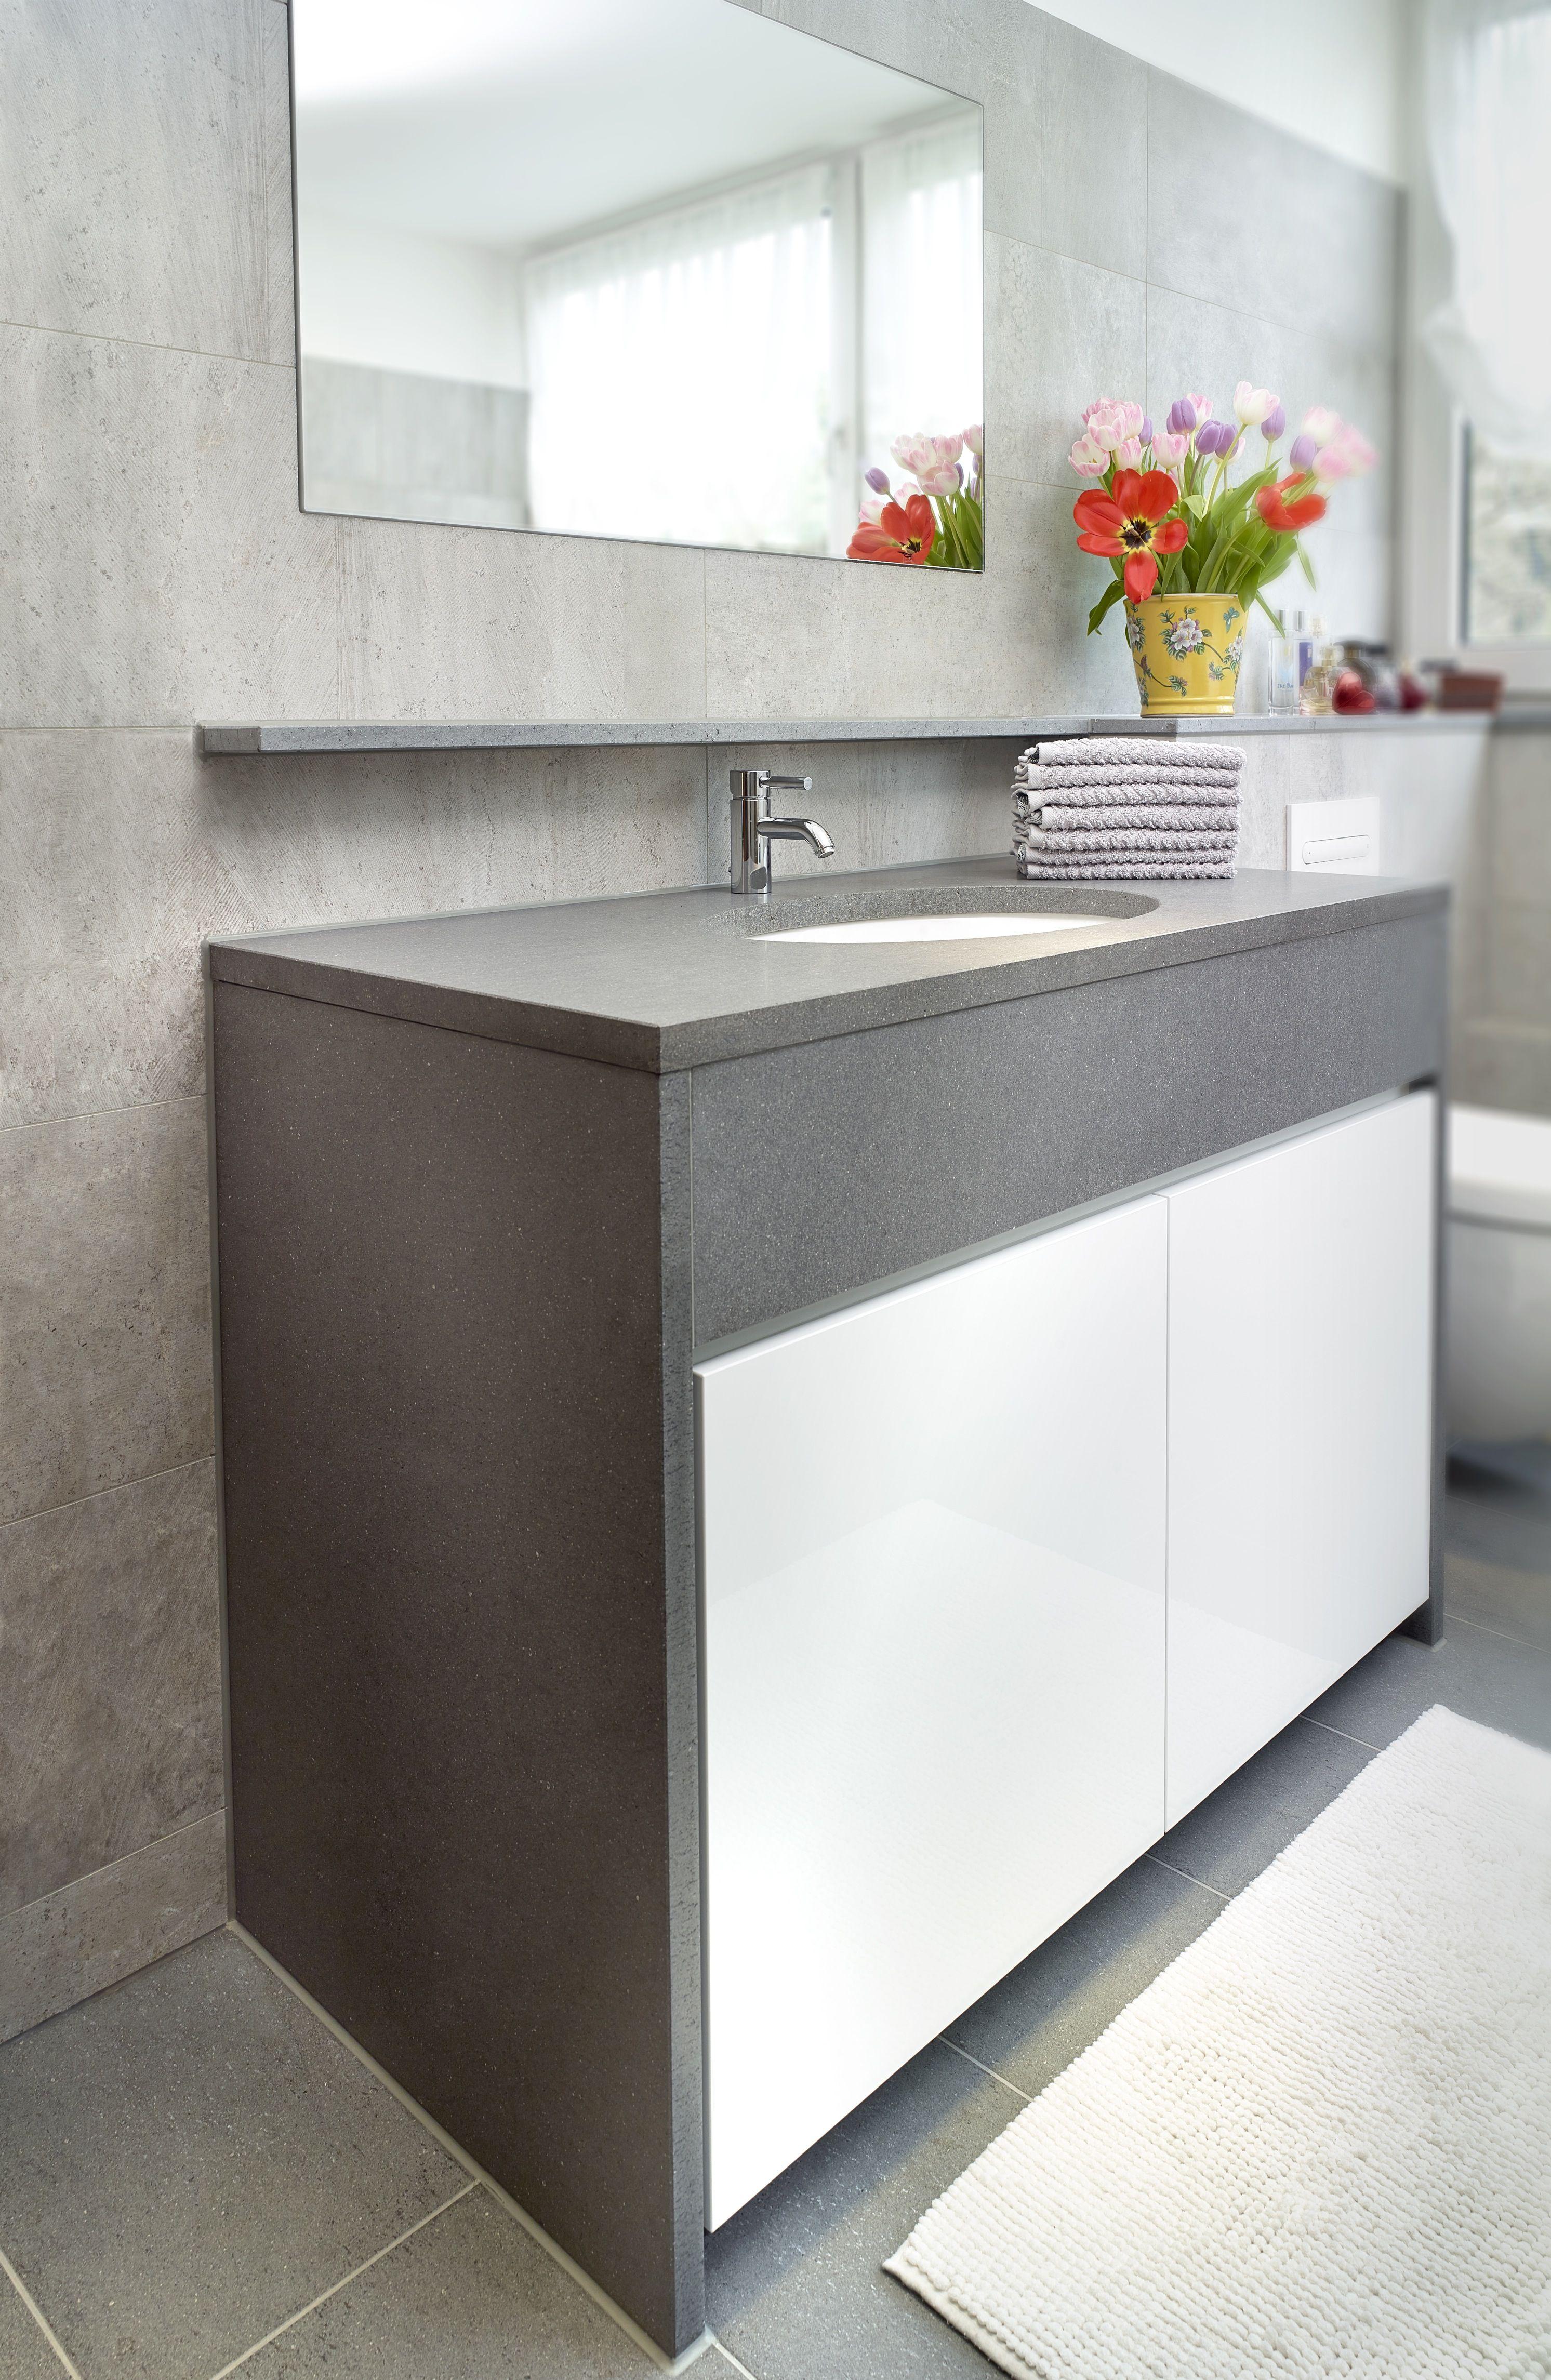 Waschtisch selber bauen arbeitsplatte  Dieser Waschtisch ist aus italienischer Basaltina gefertigt worden ...